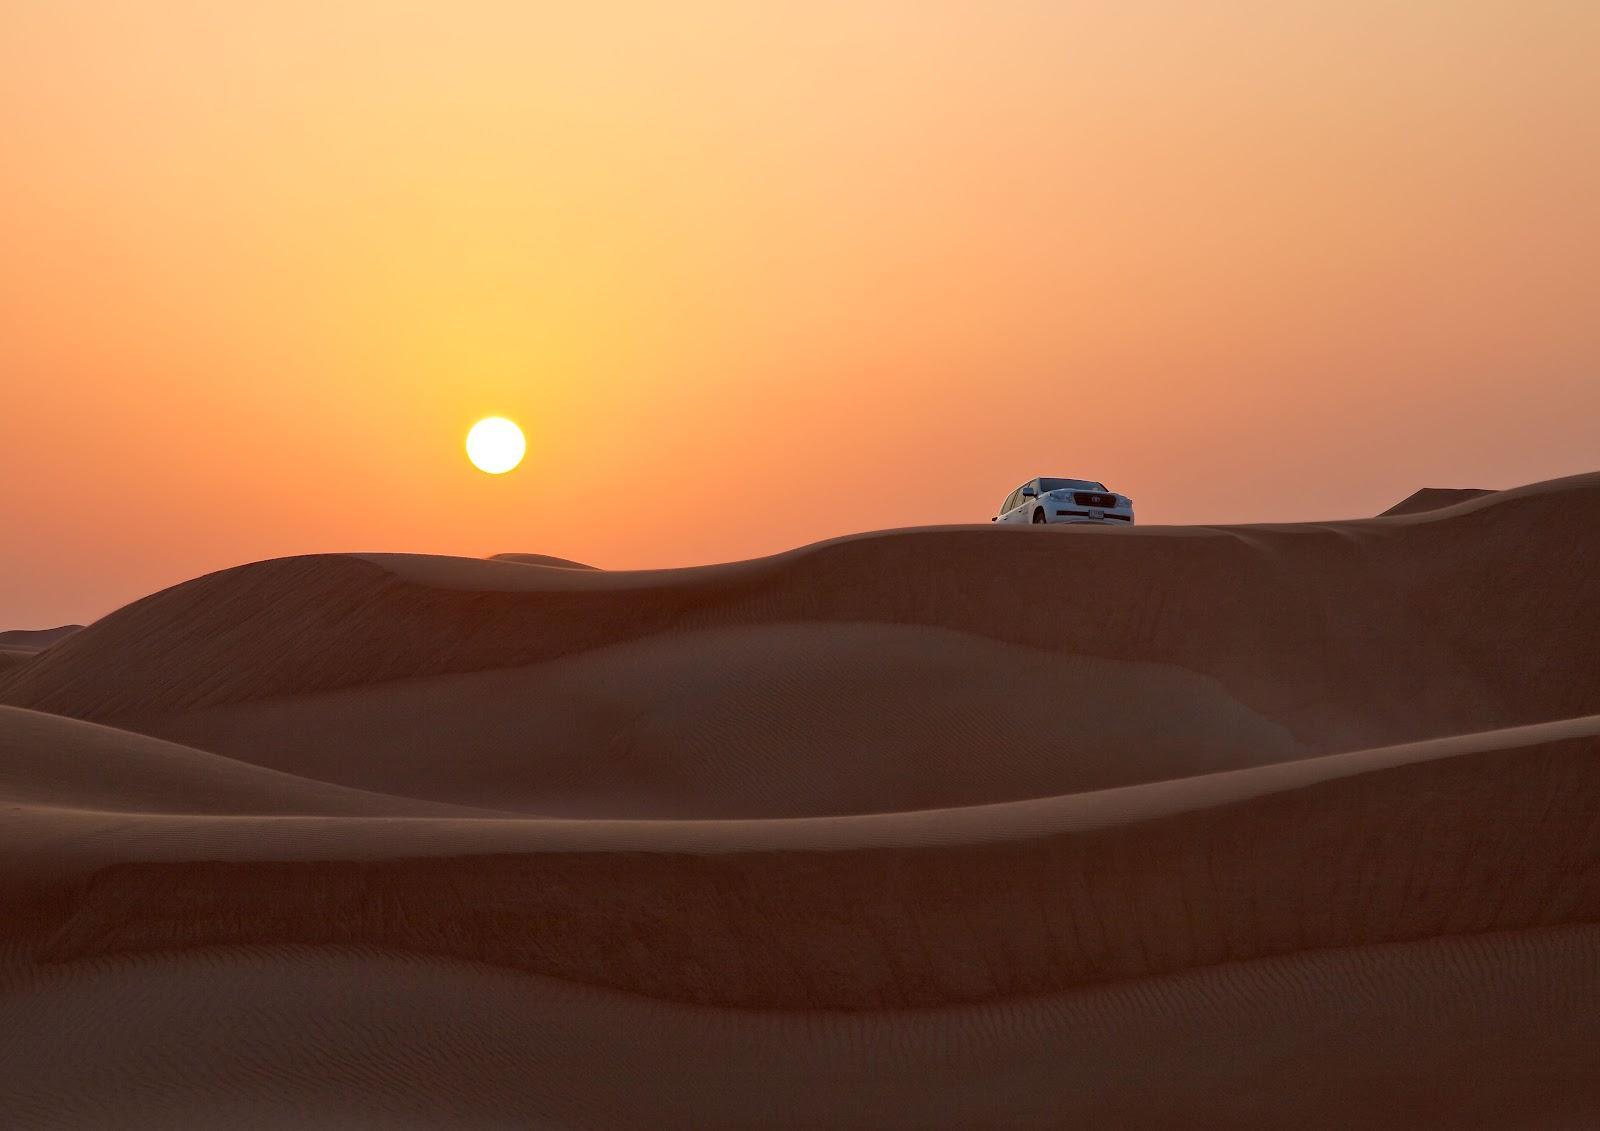 Desert_Sunset_3_by_Stuartf